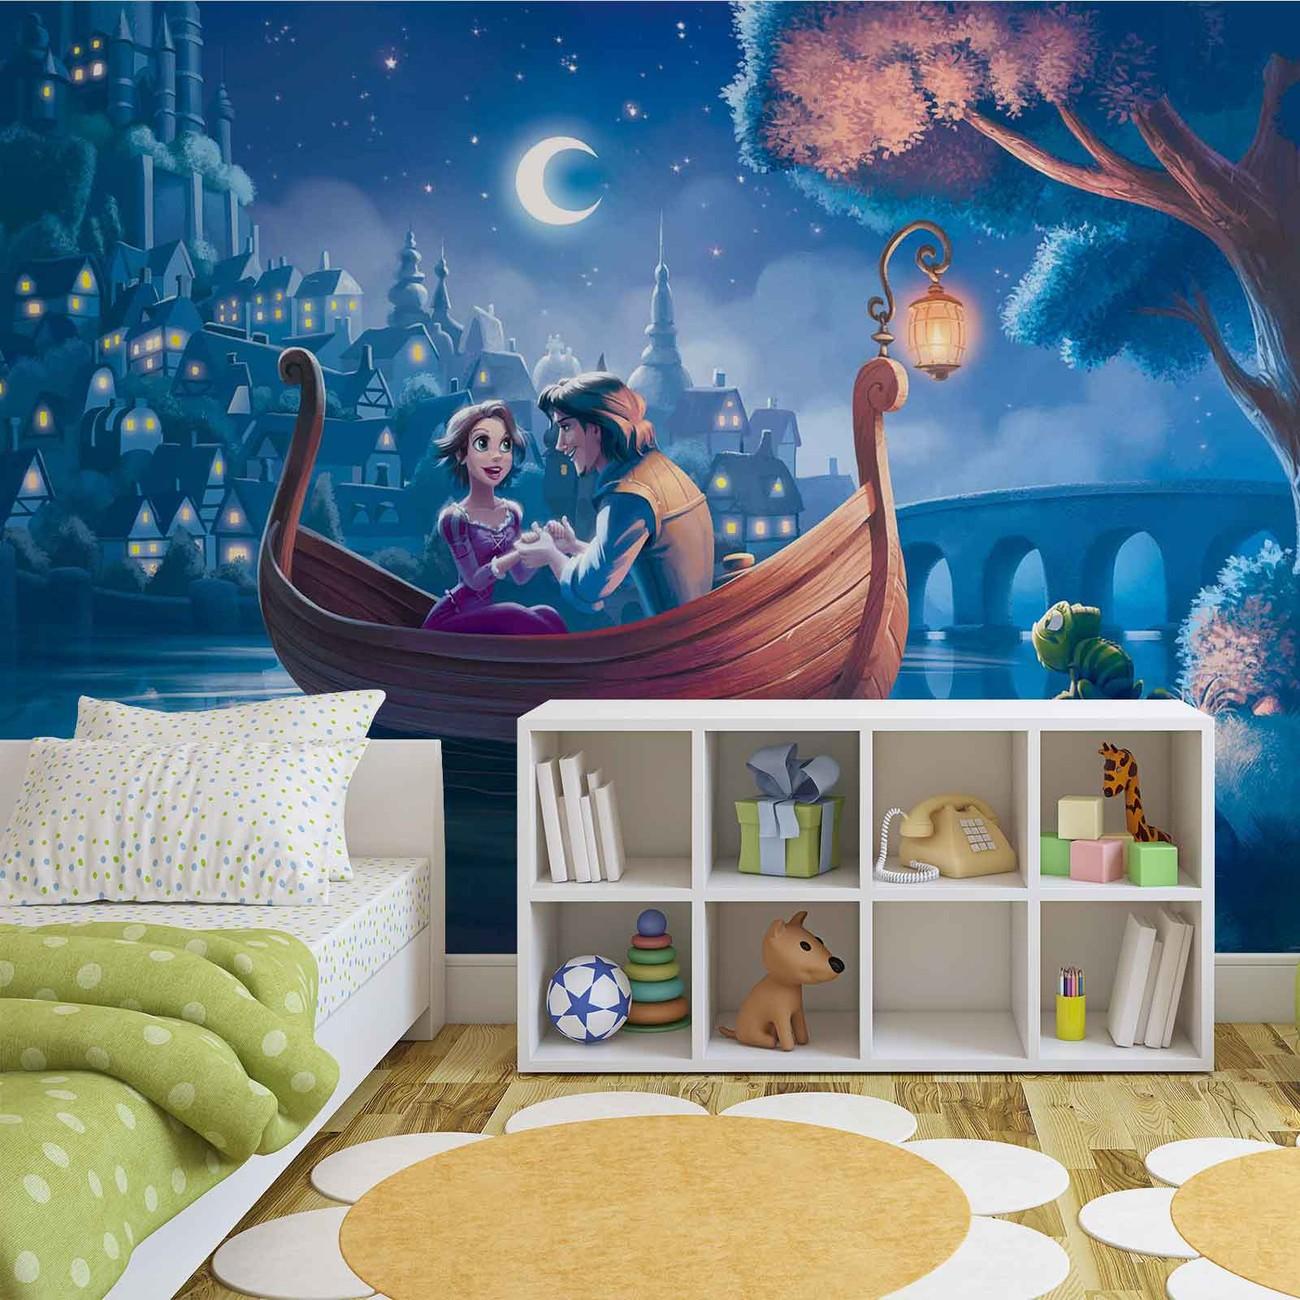 Disney princesses rapunzel wall paper mural buy at for Disney princess mini mural